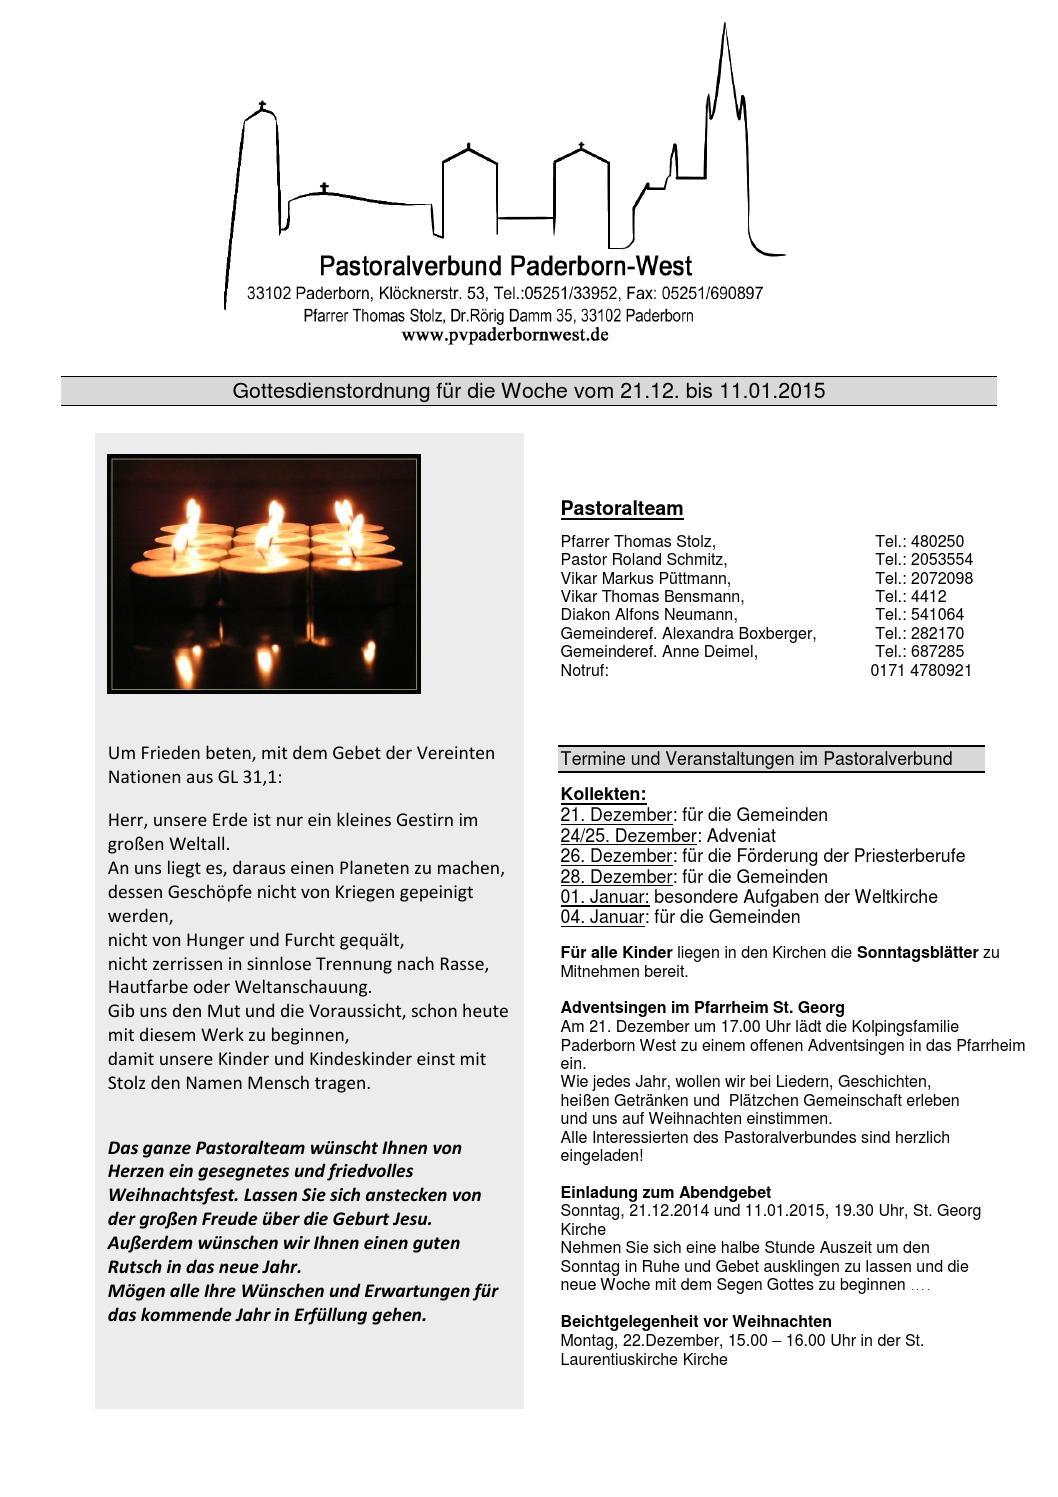 pfarrbrief_-_21.12._-_11.01.2015.pdf by Frank Siemen - issuu